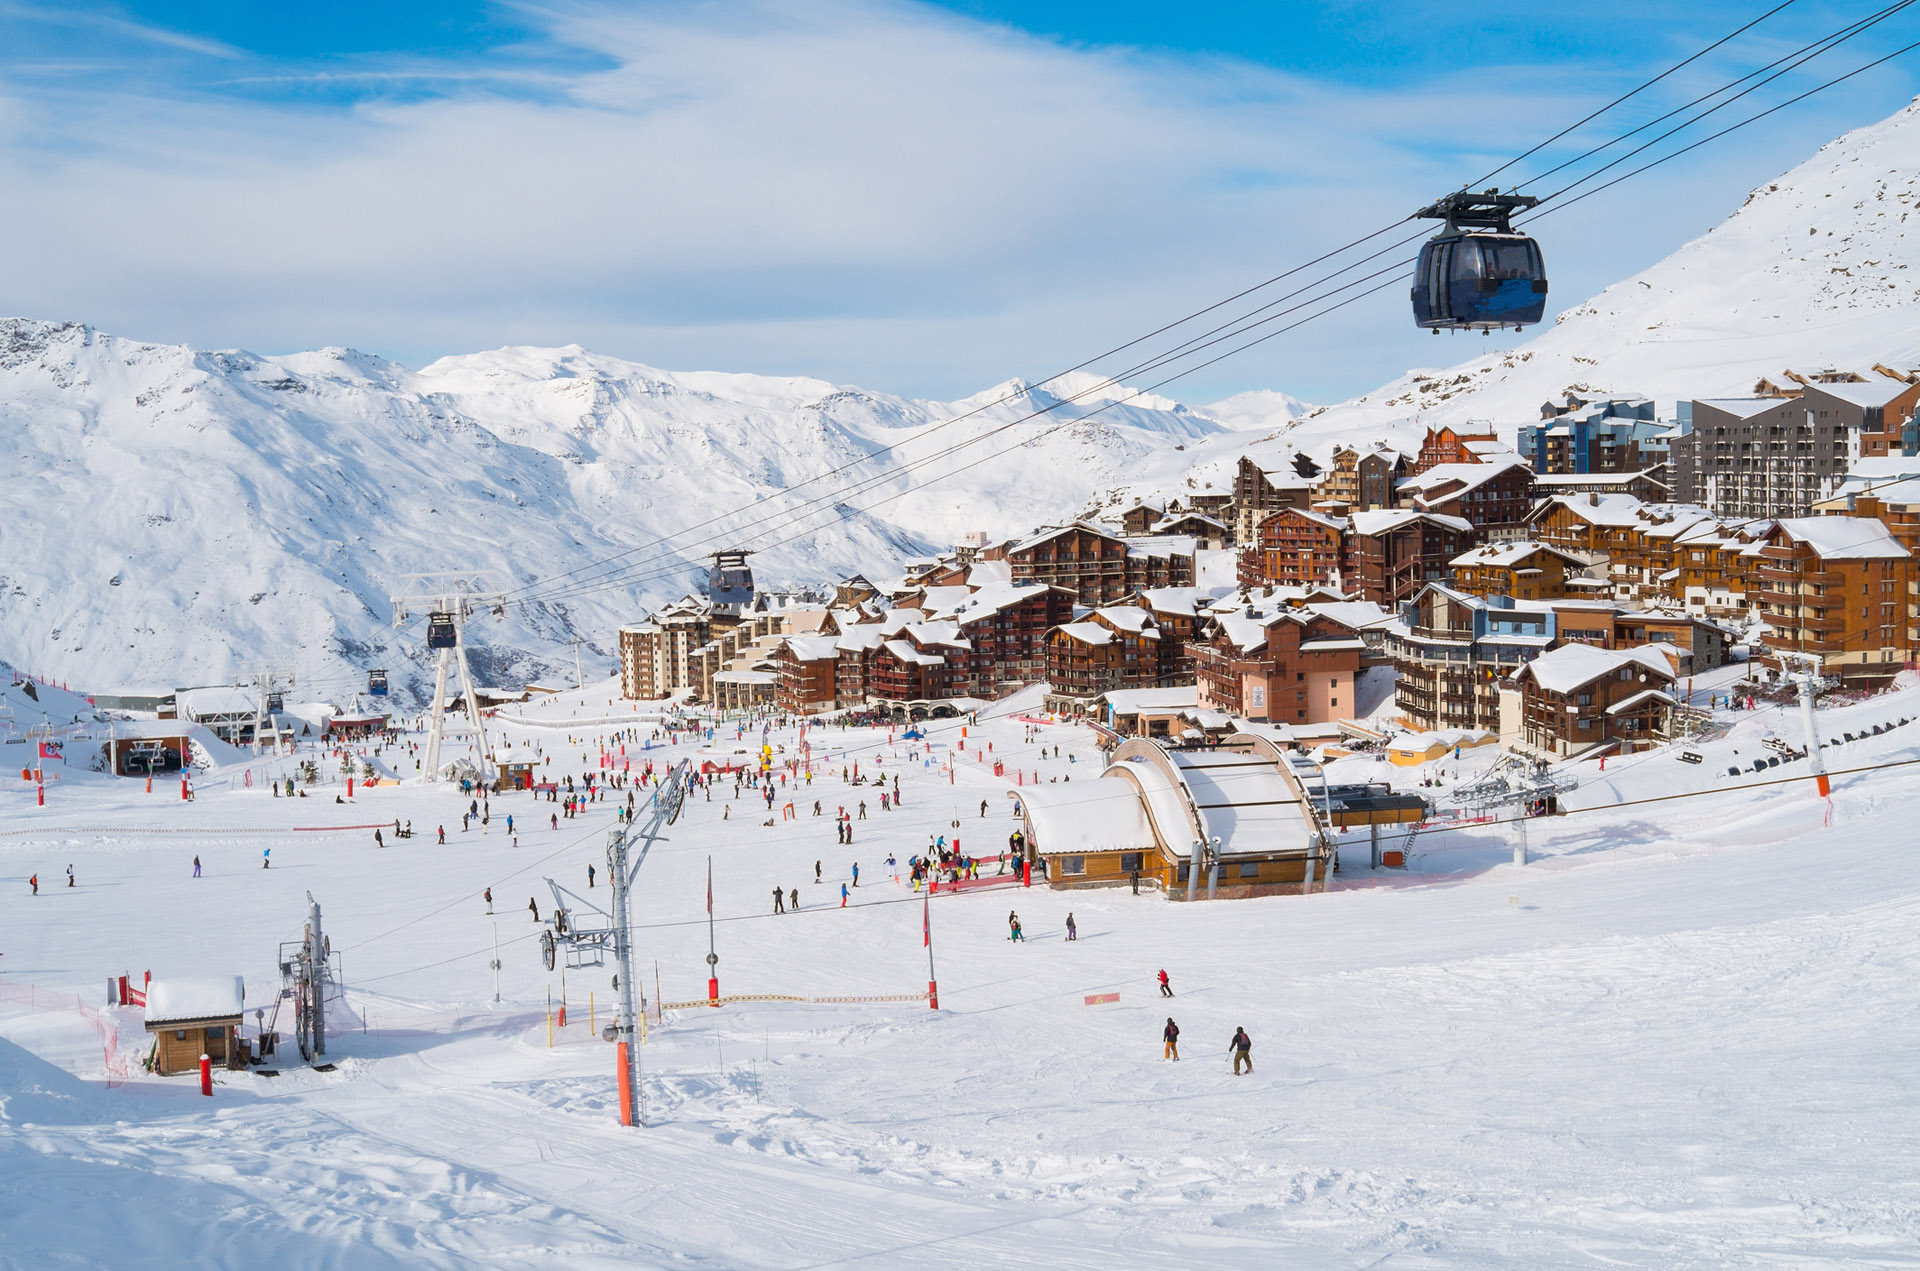 Val Thorens, en los Alpes franceses, es uno de los destinos más codiciados por los esquiadores jóvenes.